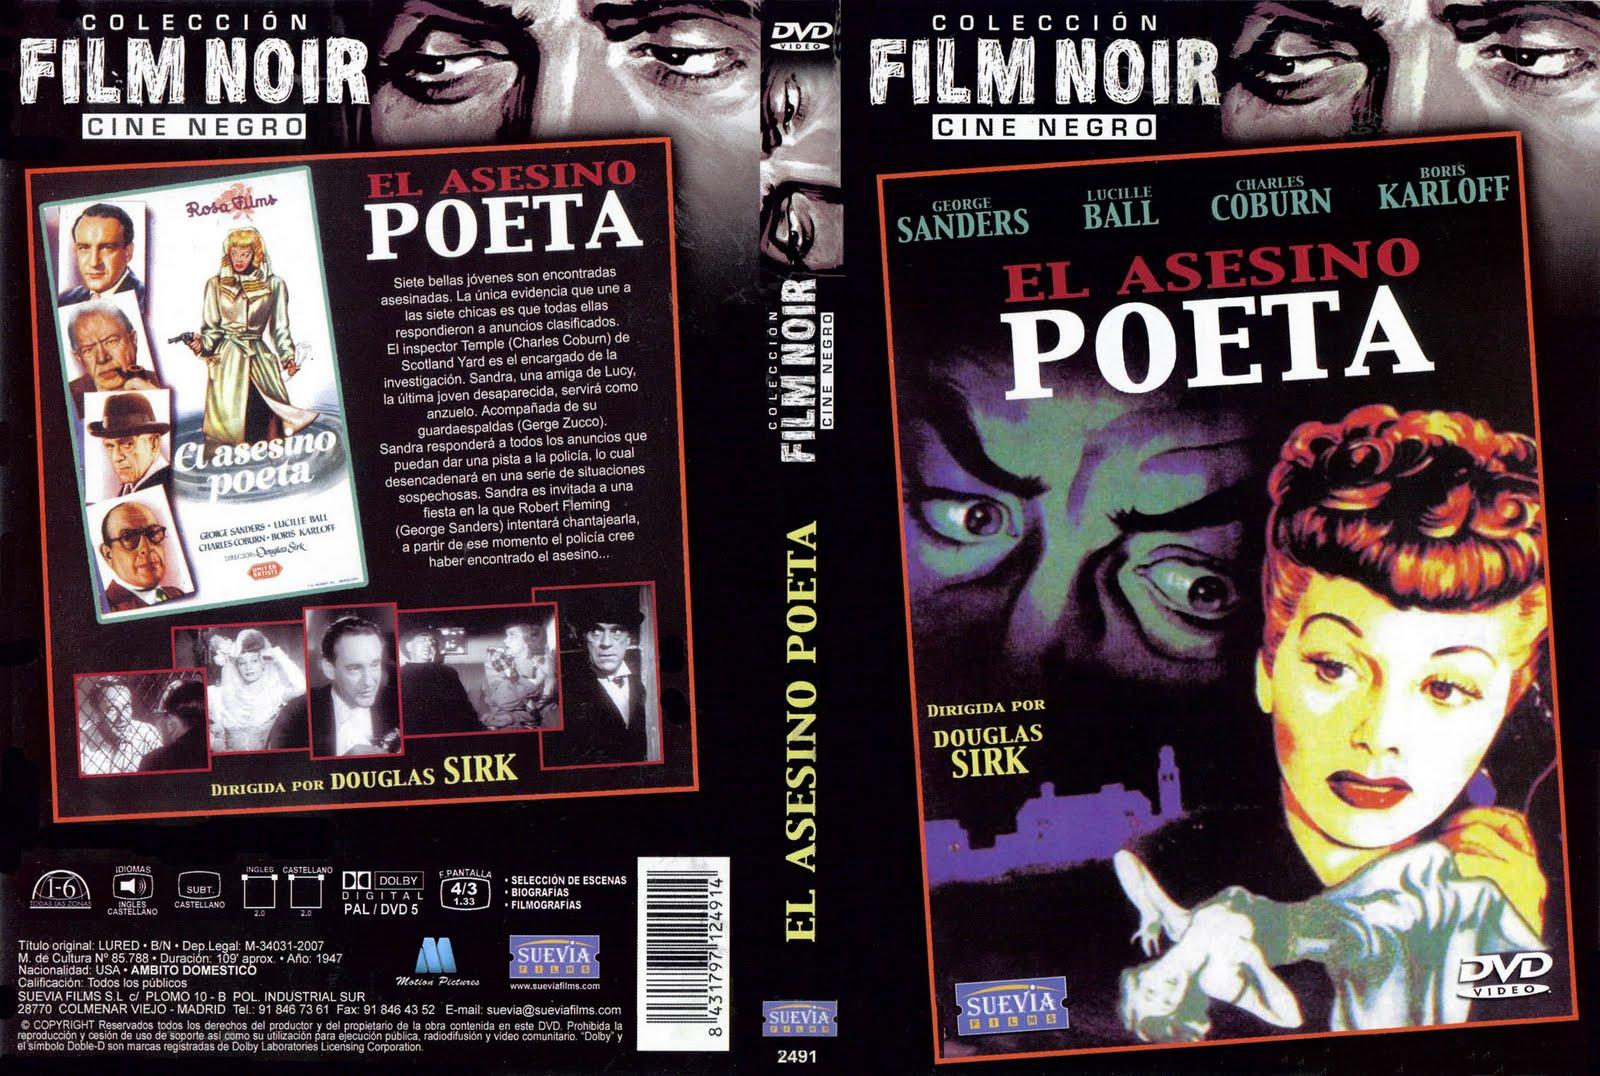 El asesino poeta, (1947 - Lured)